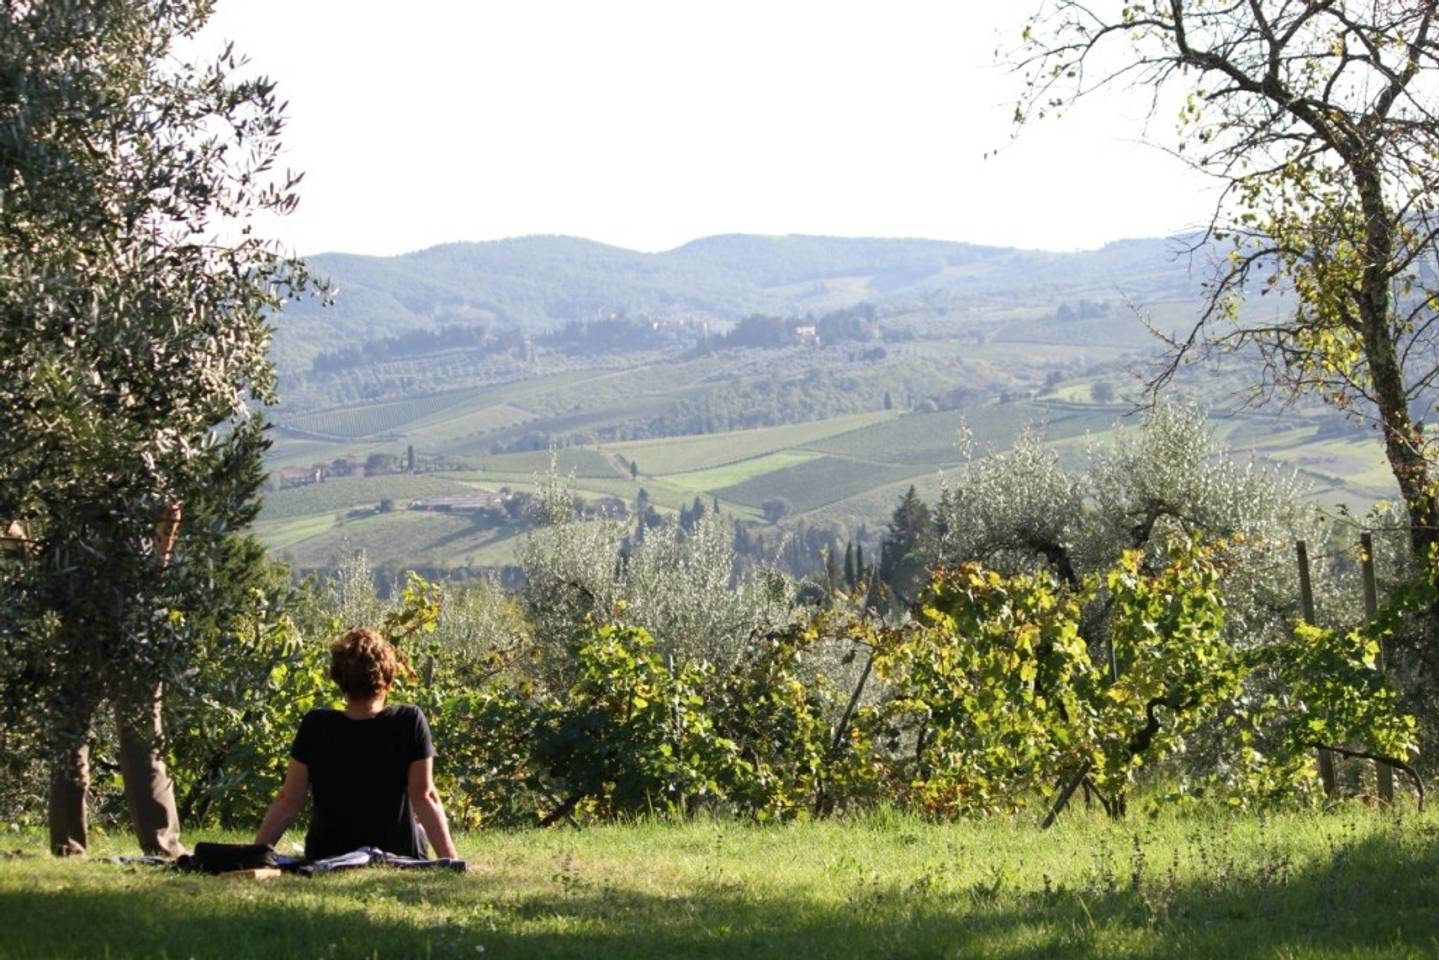 Ancora del Chianti, paesaggio mozzafiato sulle verdi colline del Chianti